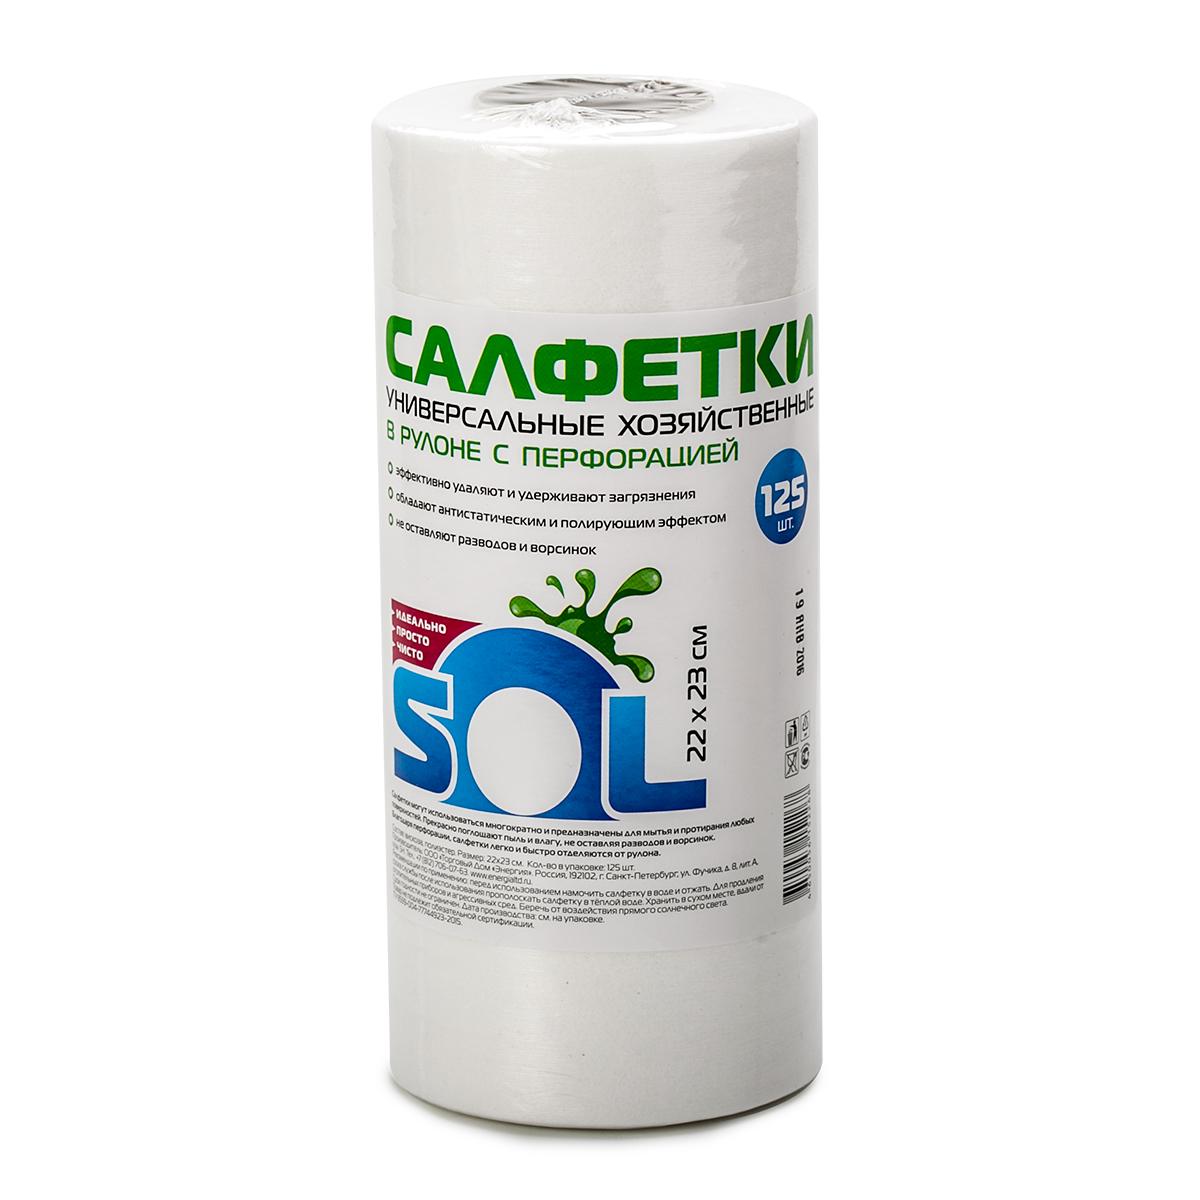 Салфетка для уборки Sol, в рулоне, с перфорацией, 22 x 23 см, 125 шт10025Салфетки для уборки Sol могут использоваться многократно и предназначены для мытья и протирания любых поверхностей. Выполнены из вискозы и полиэстера. Салфетки прекрасно поглощают пыль и влагу, не оставляя разводов и ворсинок. Благодаря перфорации, салфетки легко и быстро отделяются от рулона.